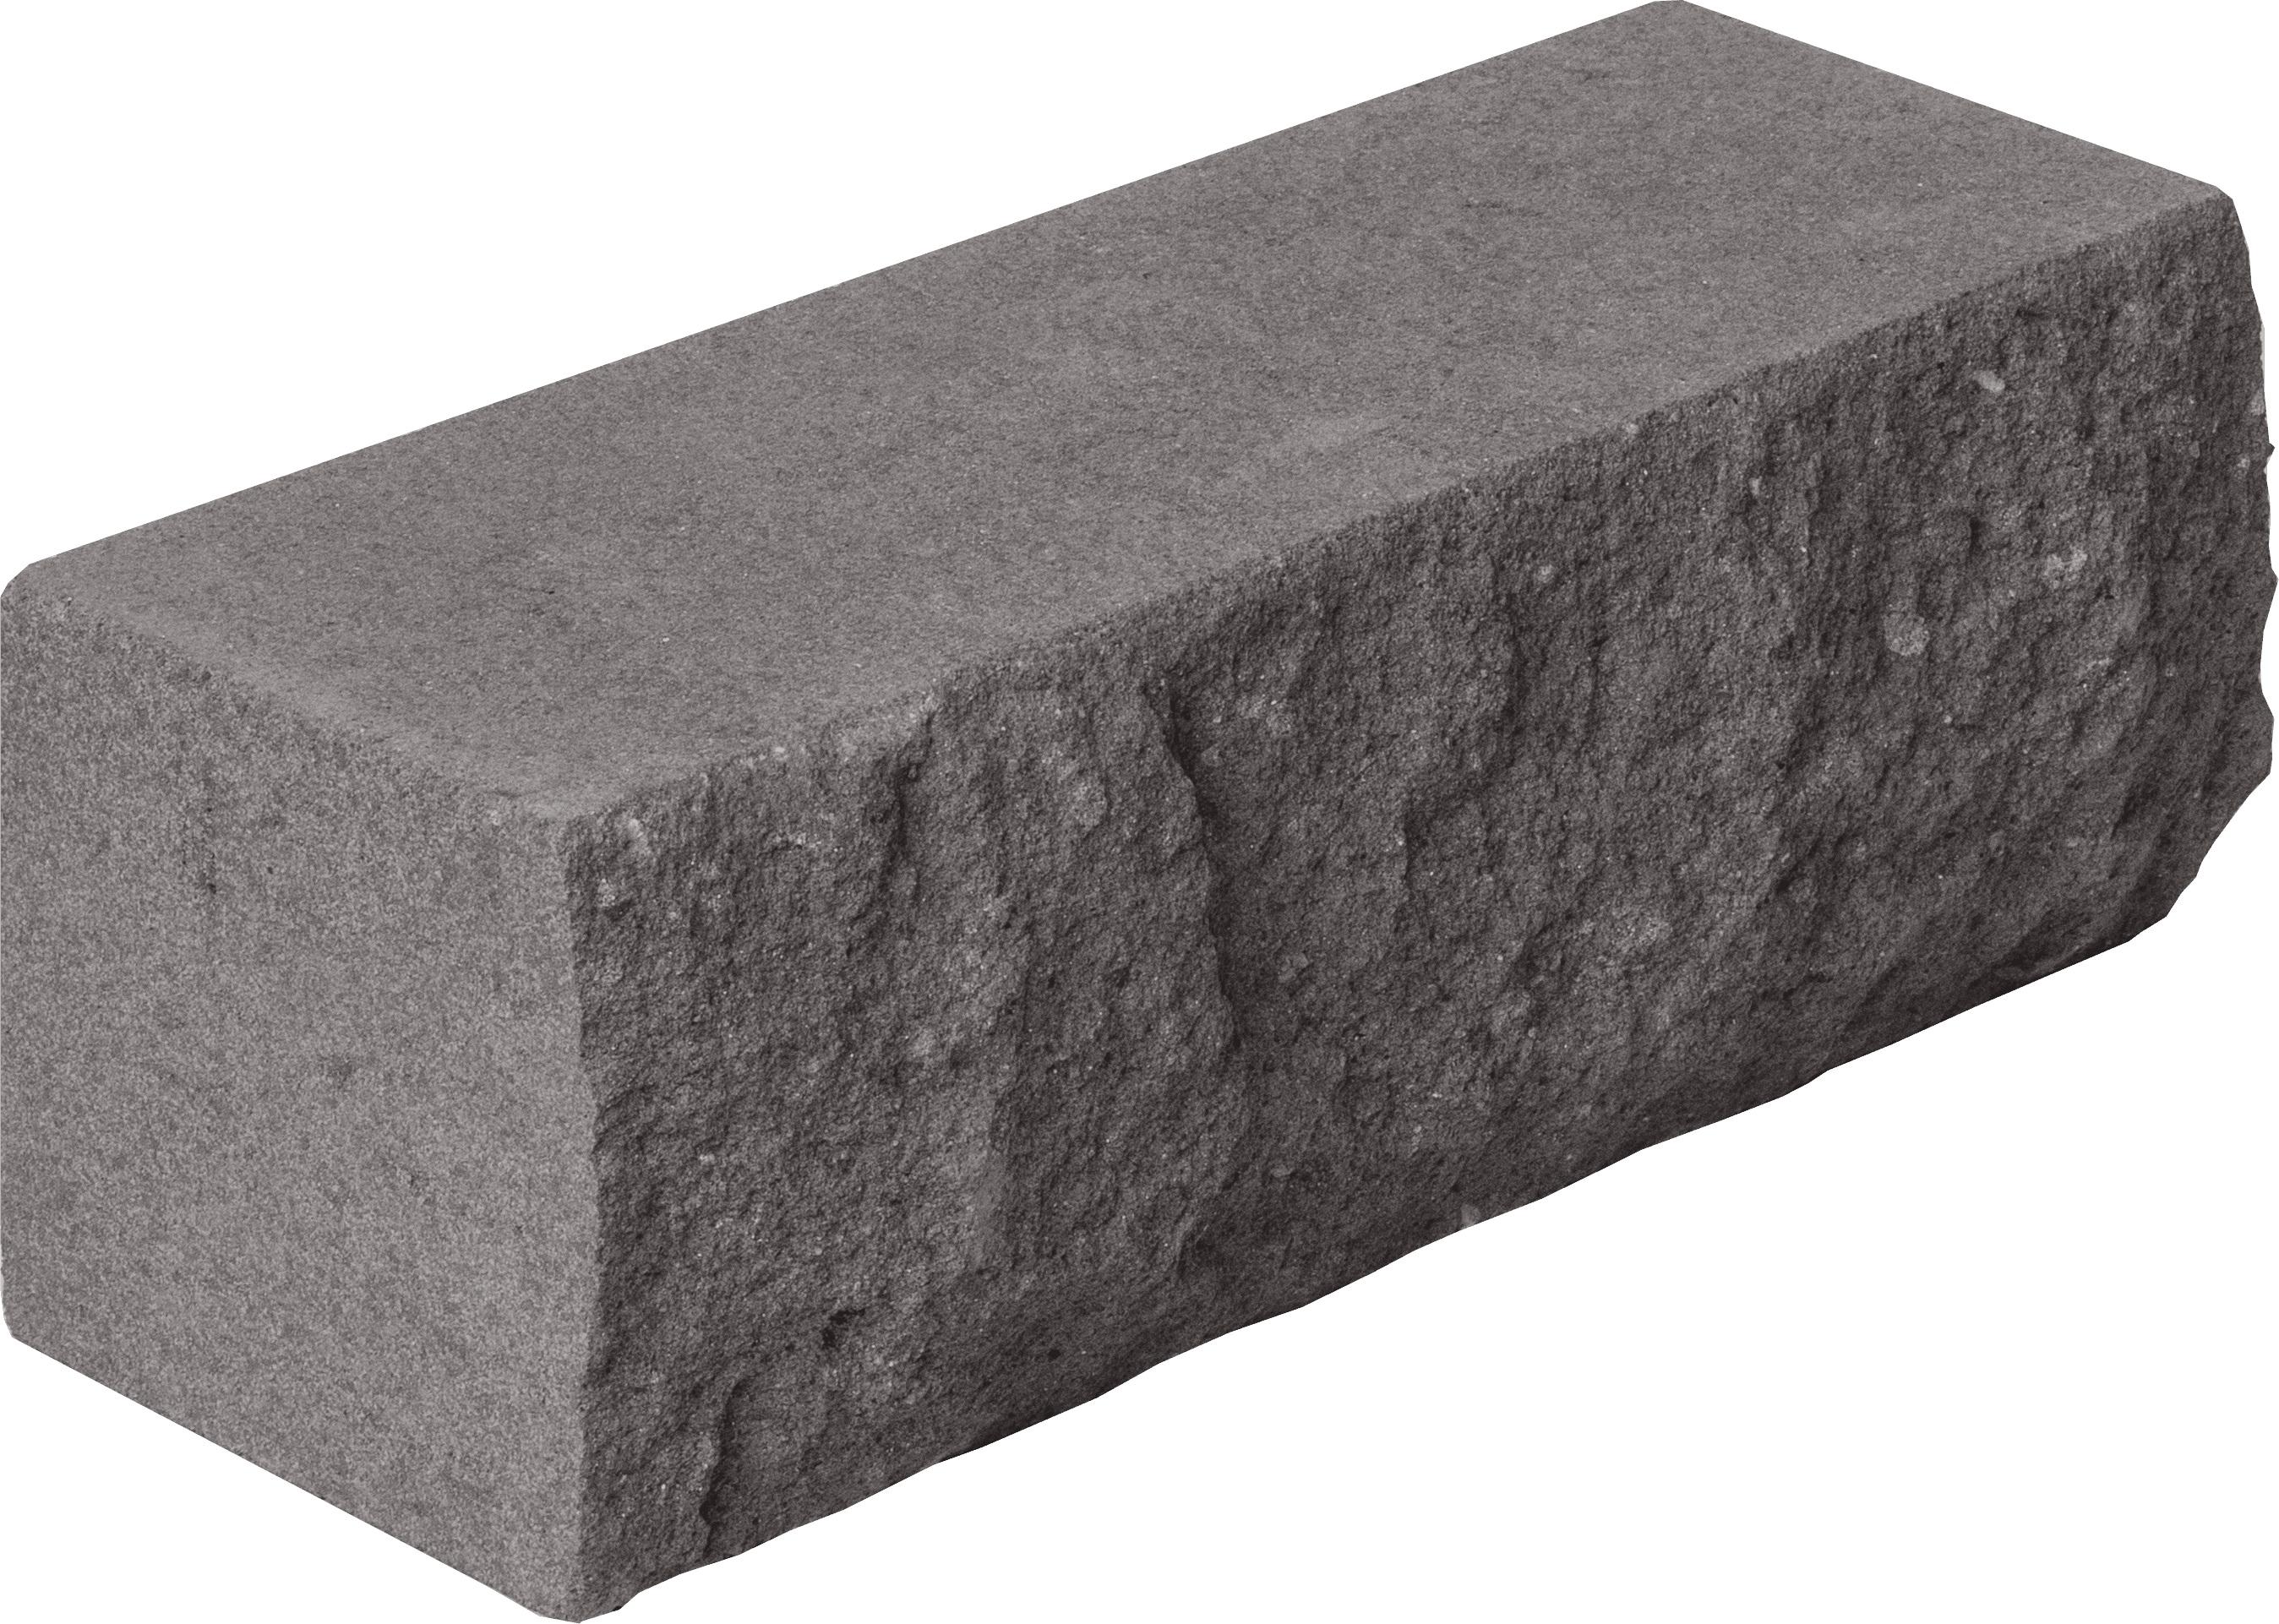 Кирпич рельефный угловой 225*95*88 серый (226шт/уп) - фото